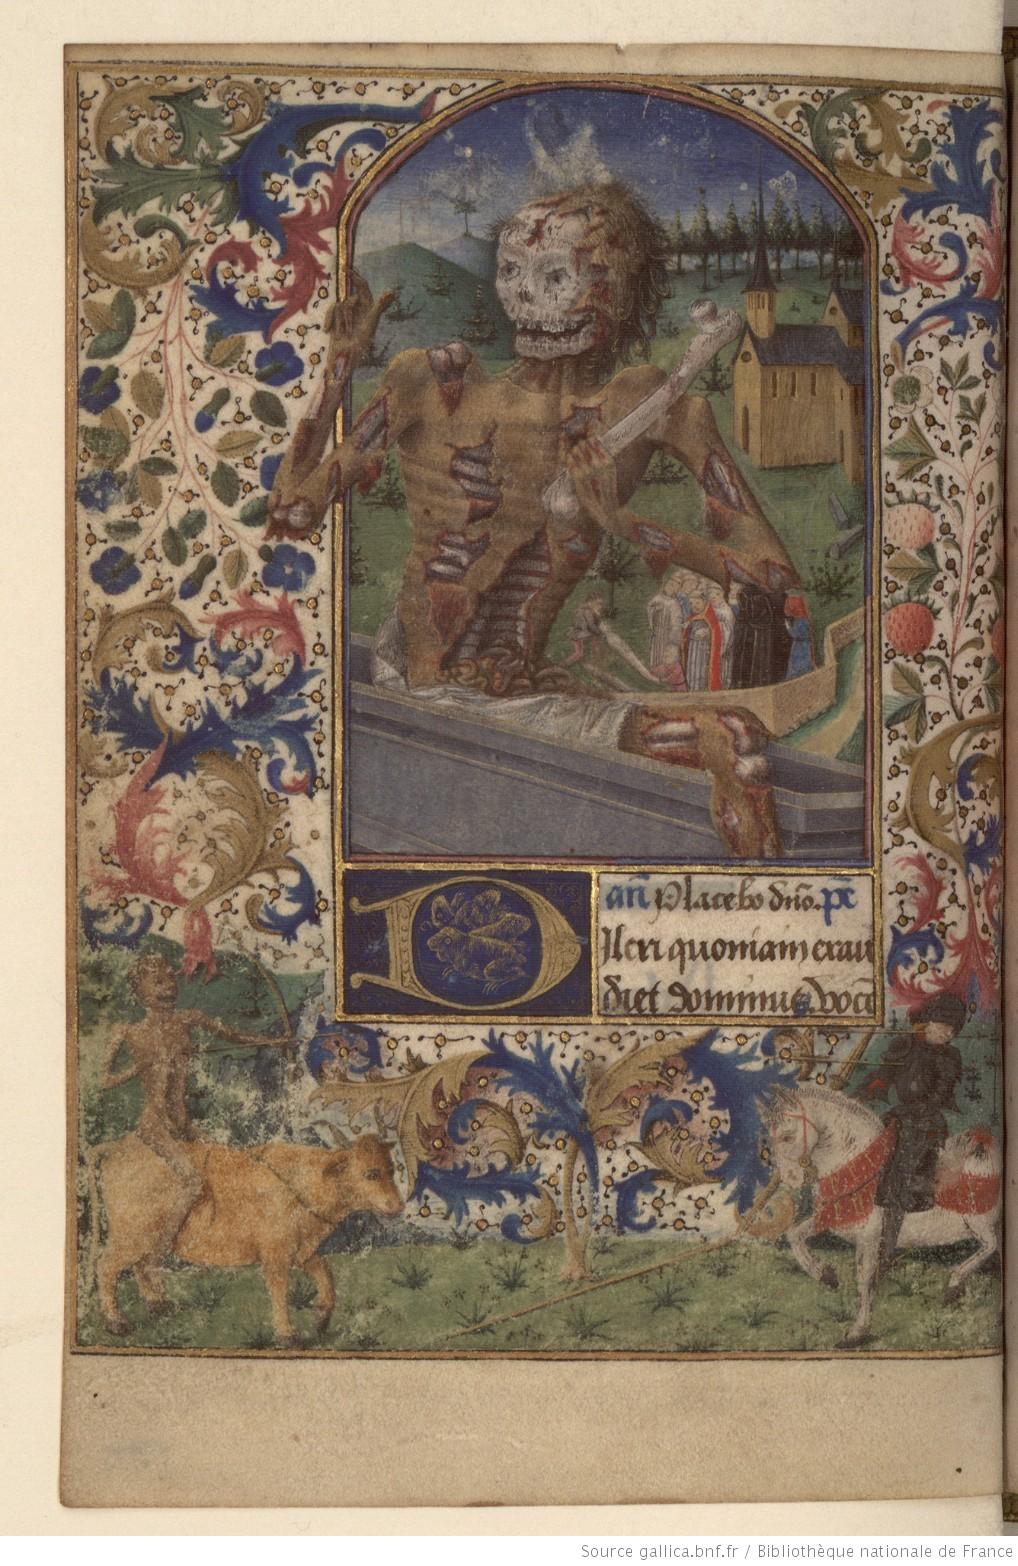 Horae_ad_usum_Pictaviensem_BERNARDUS_CLARAEVALLENSIS_1460 BNF Paris (ms.lat. 3191, folio lOOv)